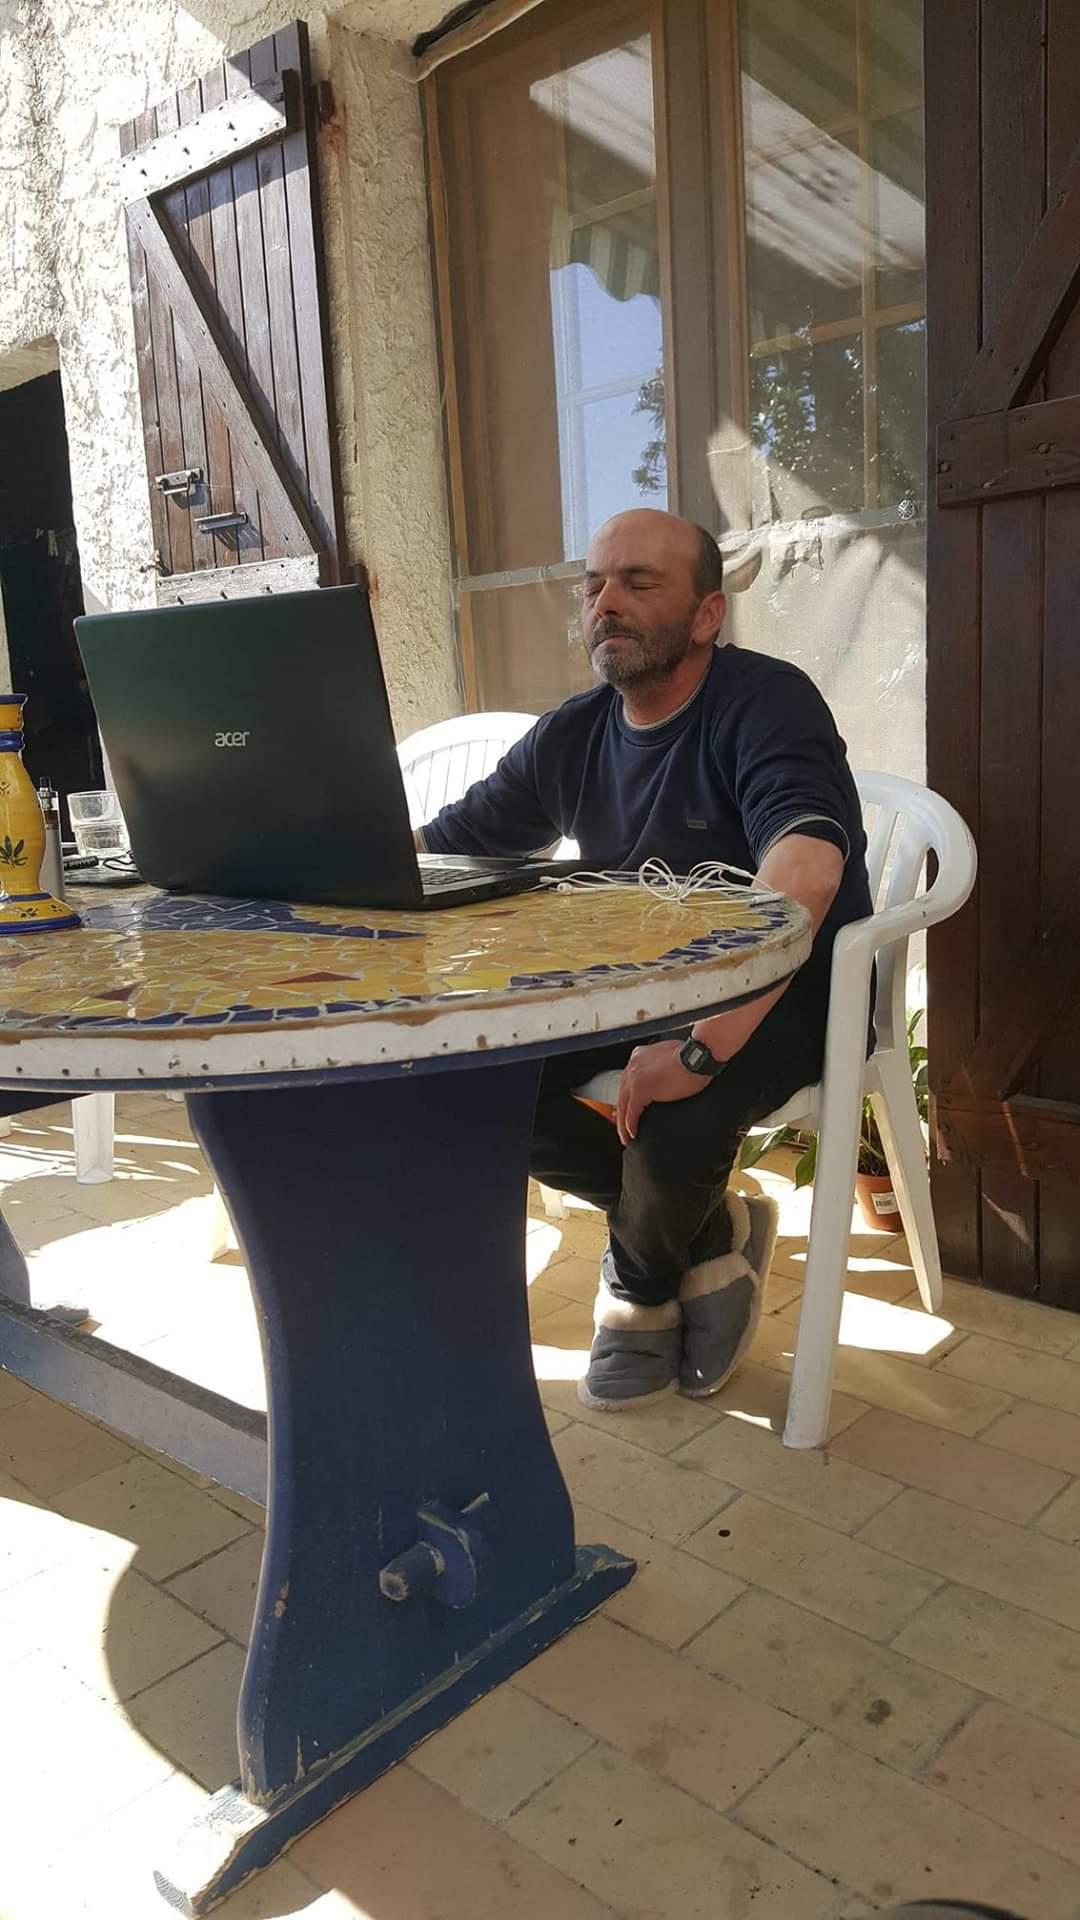 Toulouse disparition inquiétante d'un homme de 52 ans